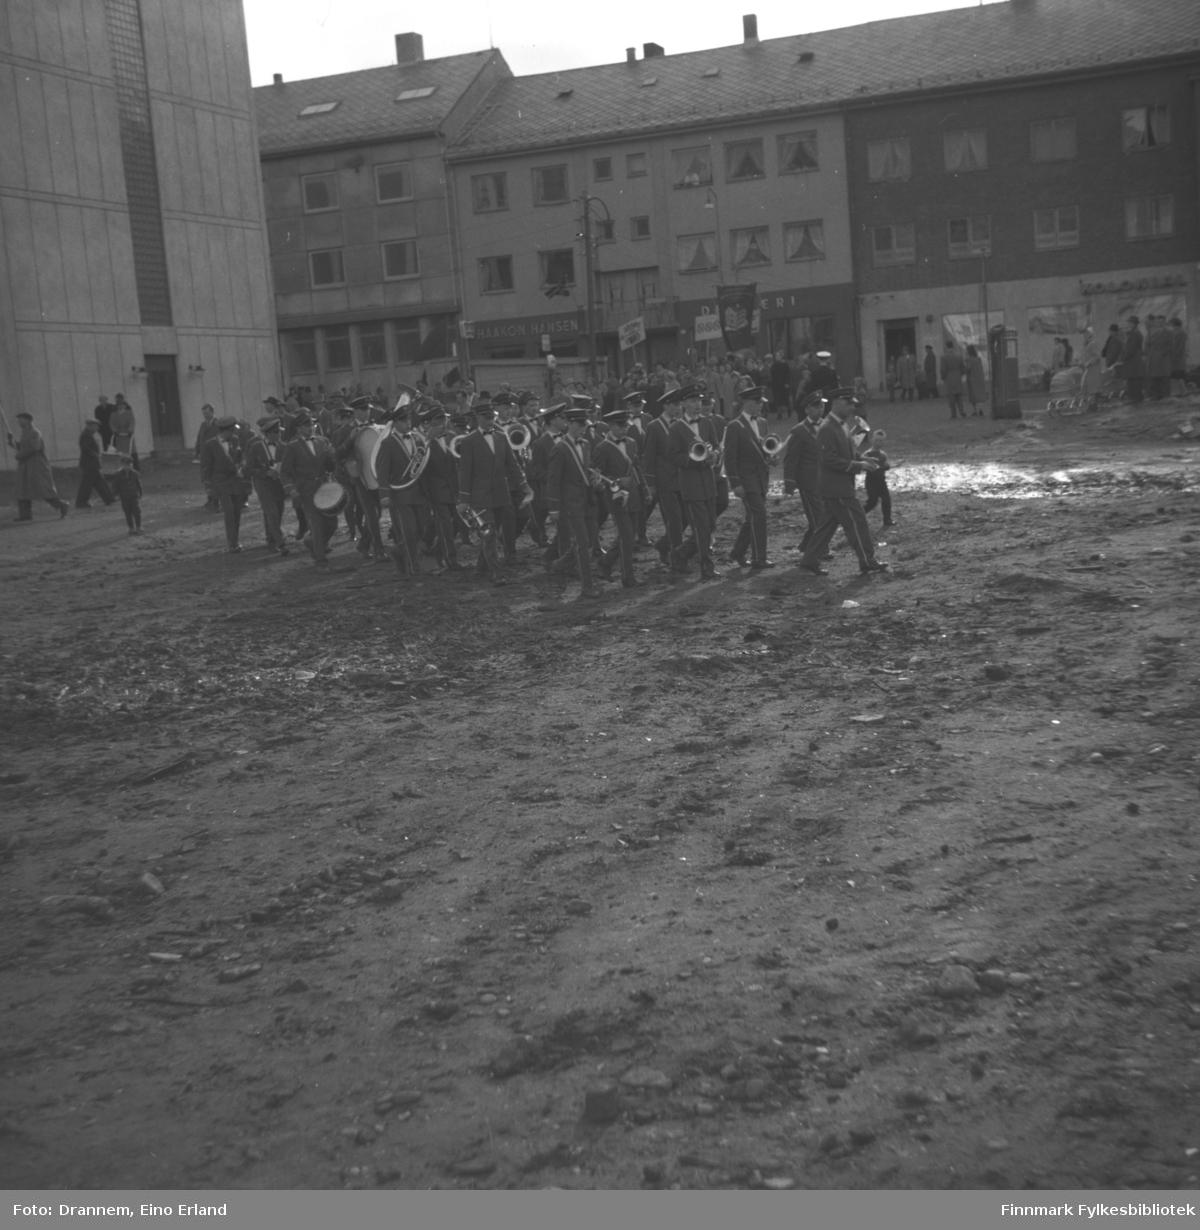 Et musikk-korps masjerer på Rådhusplassen i Hammerfest. Deler av rådhuset ses oppe til venstre på bildet.